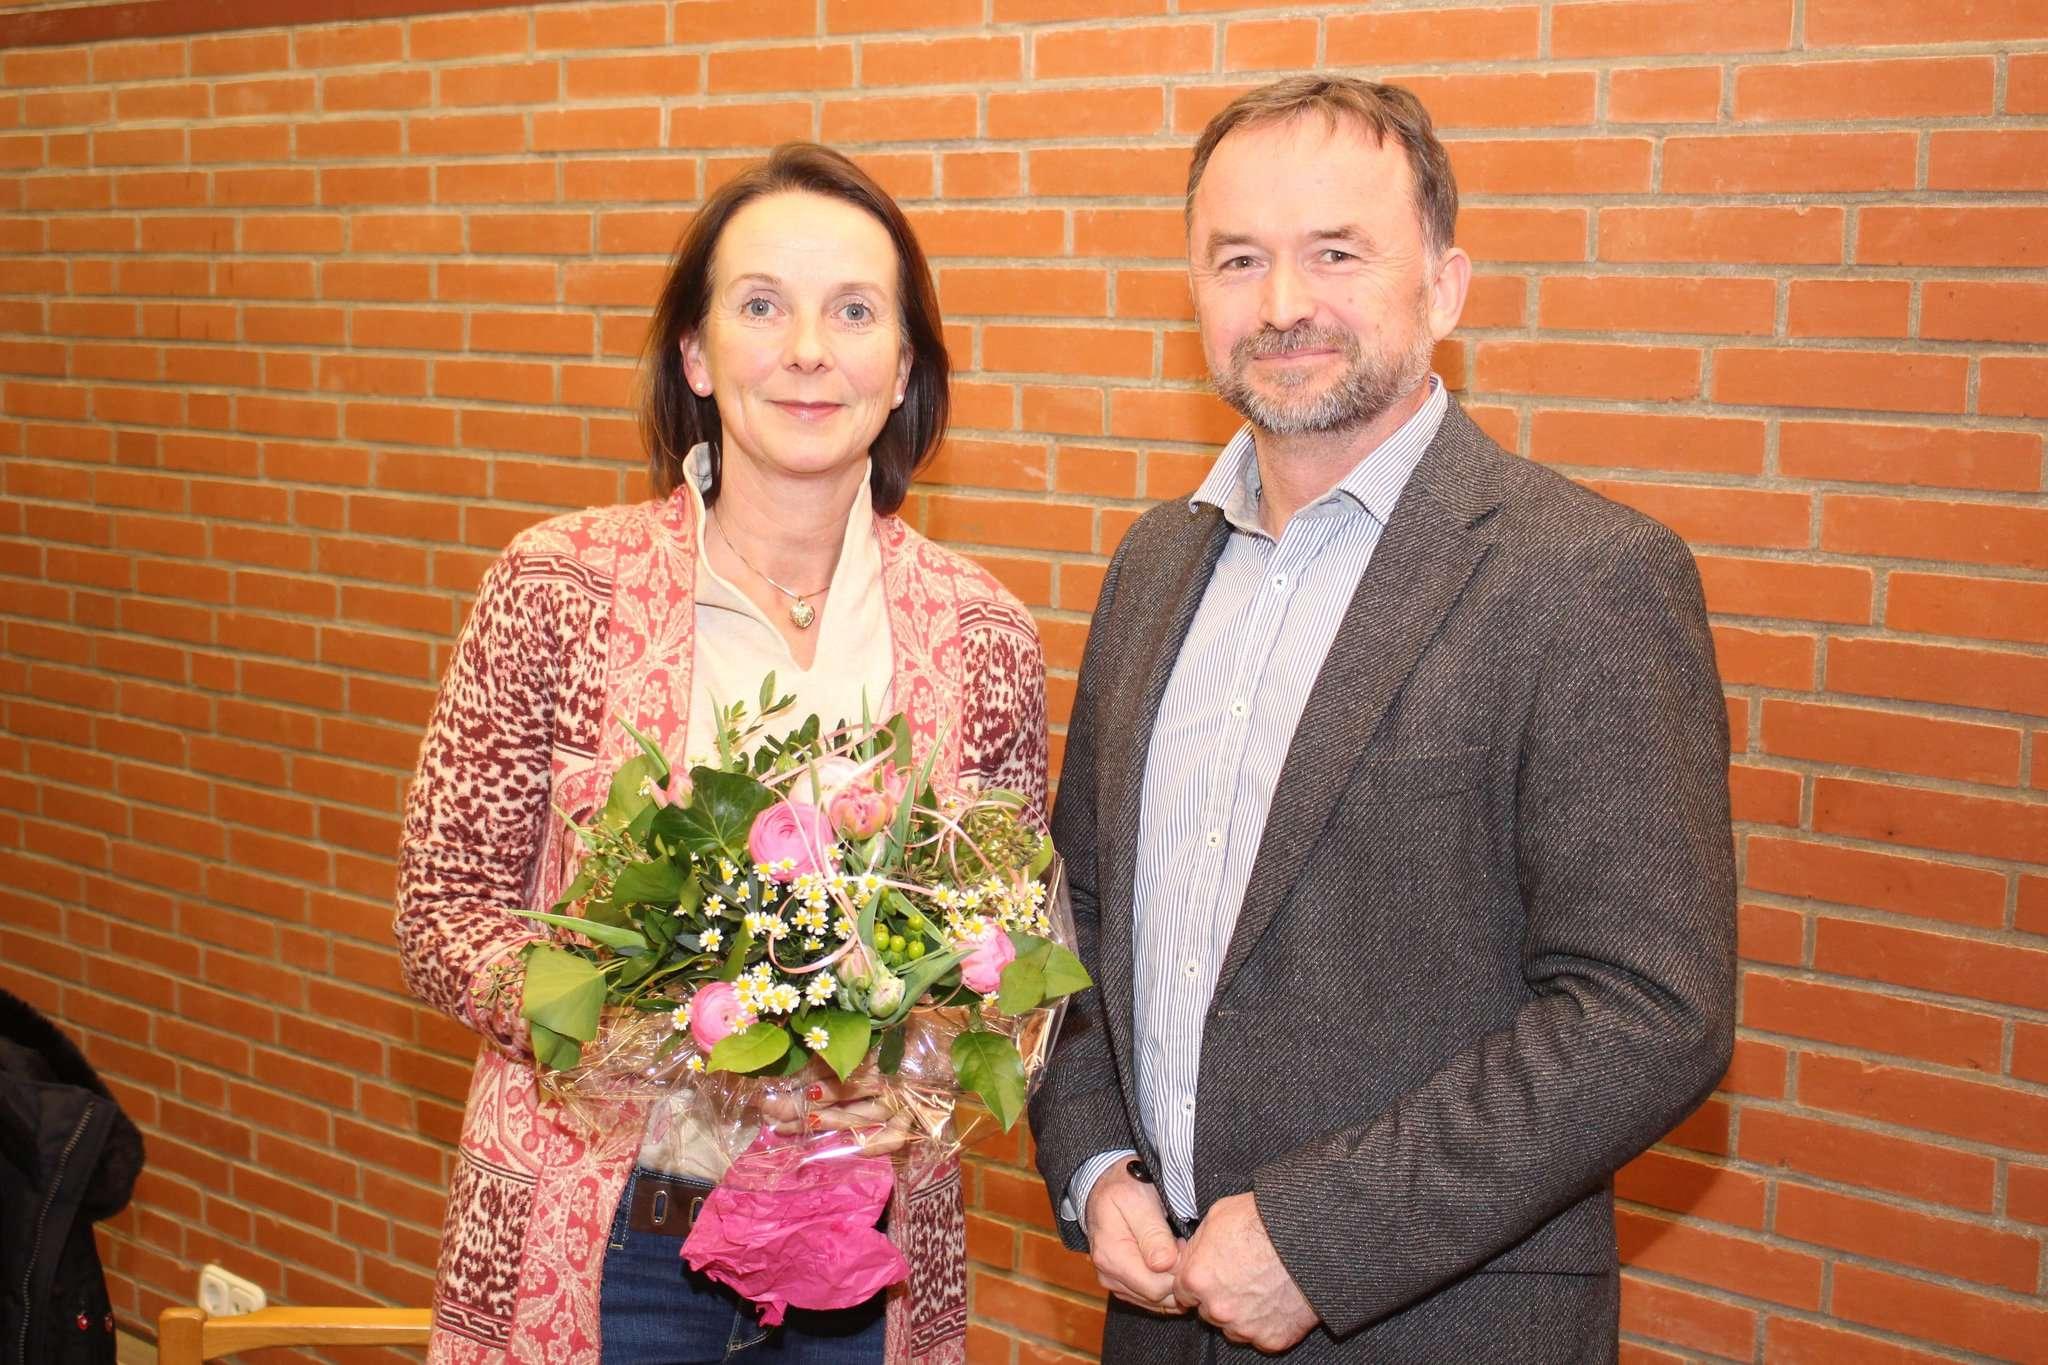 Samtgemeindebürgermeister Dirk Eberle verabschiedete Ratsfrau Carolin Muschter nach 15 Jahren im Samtgemeinderat. Foto: Henning Leeske